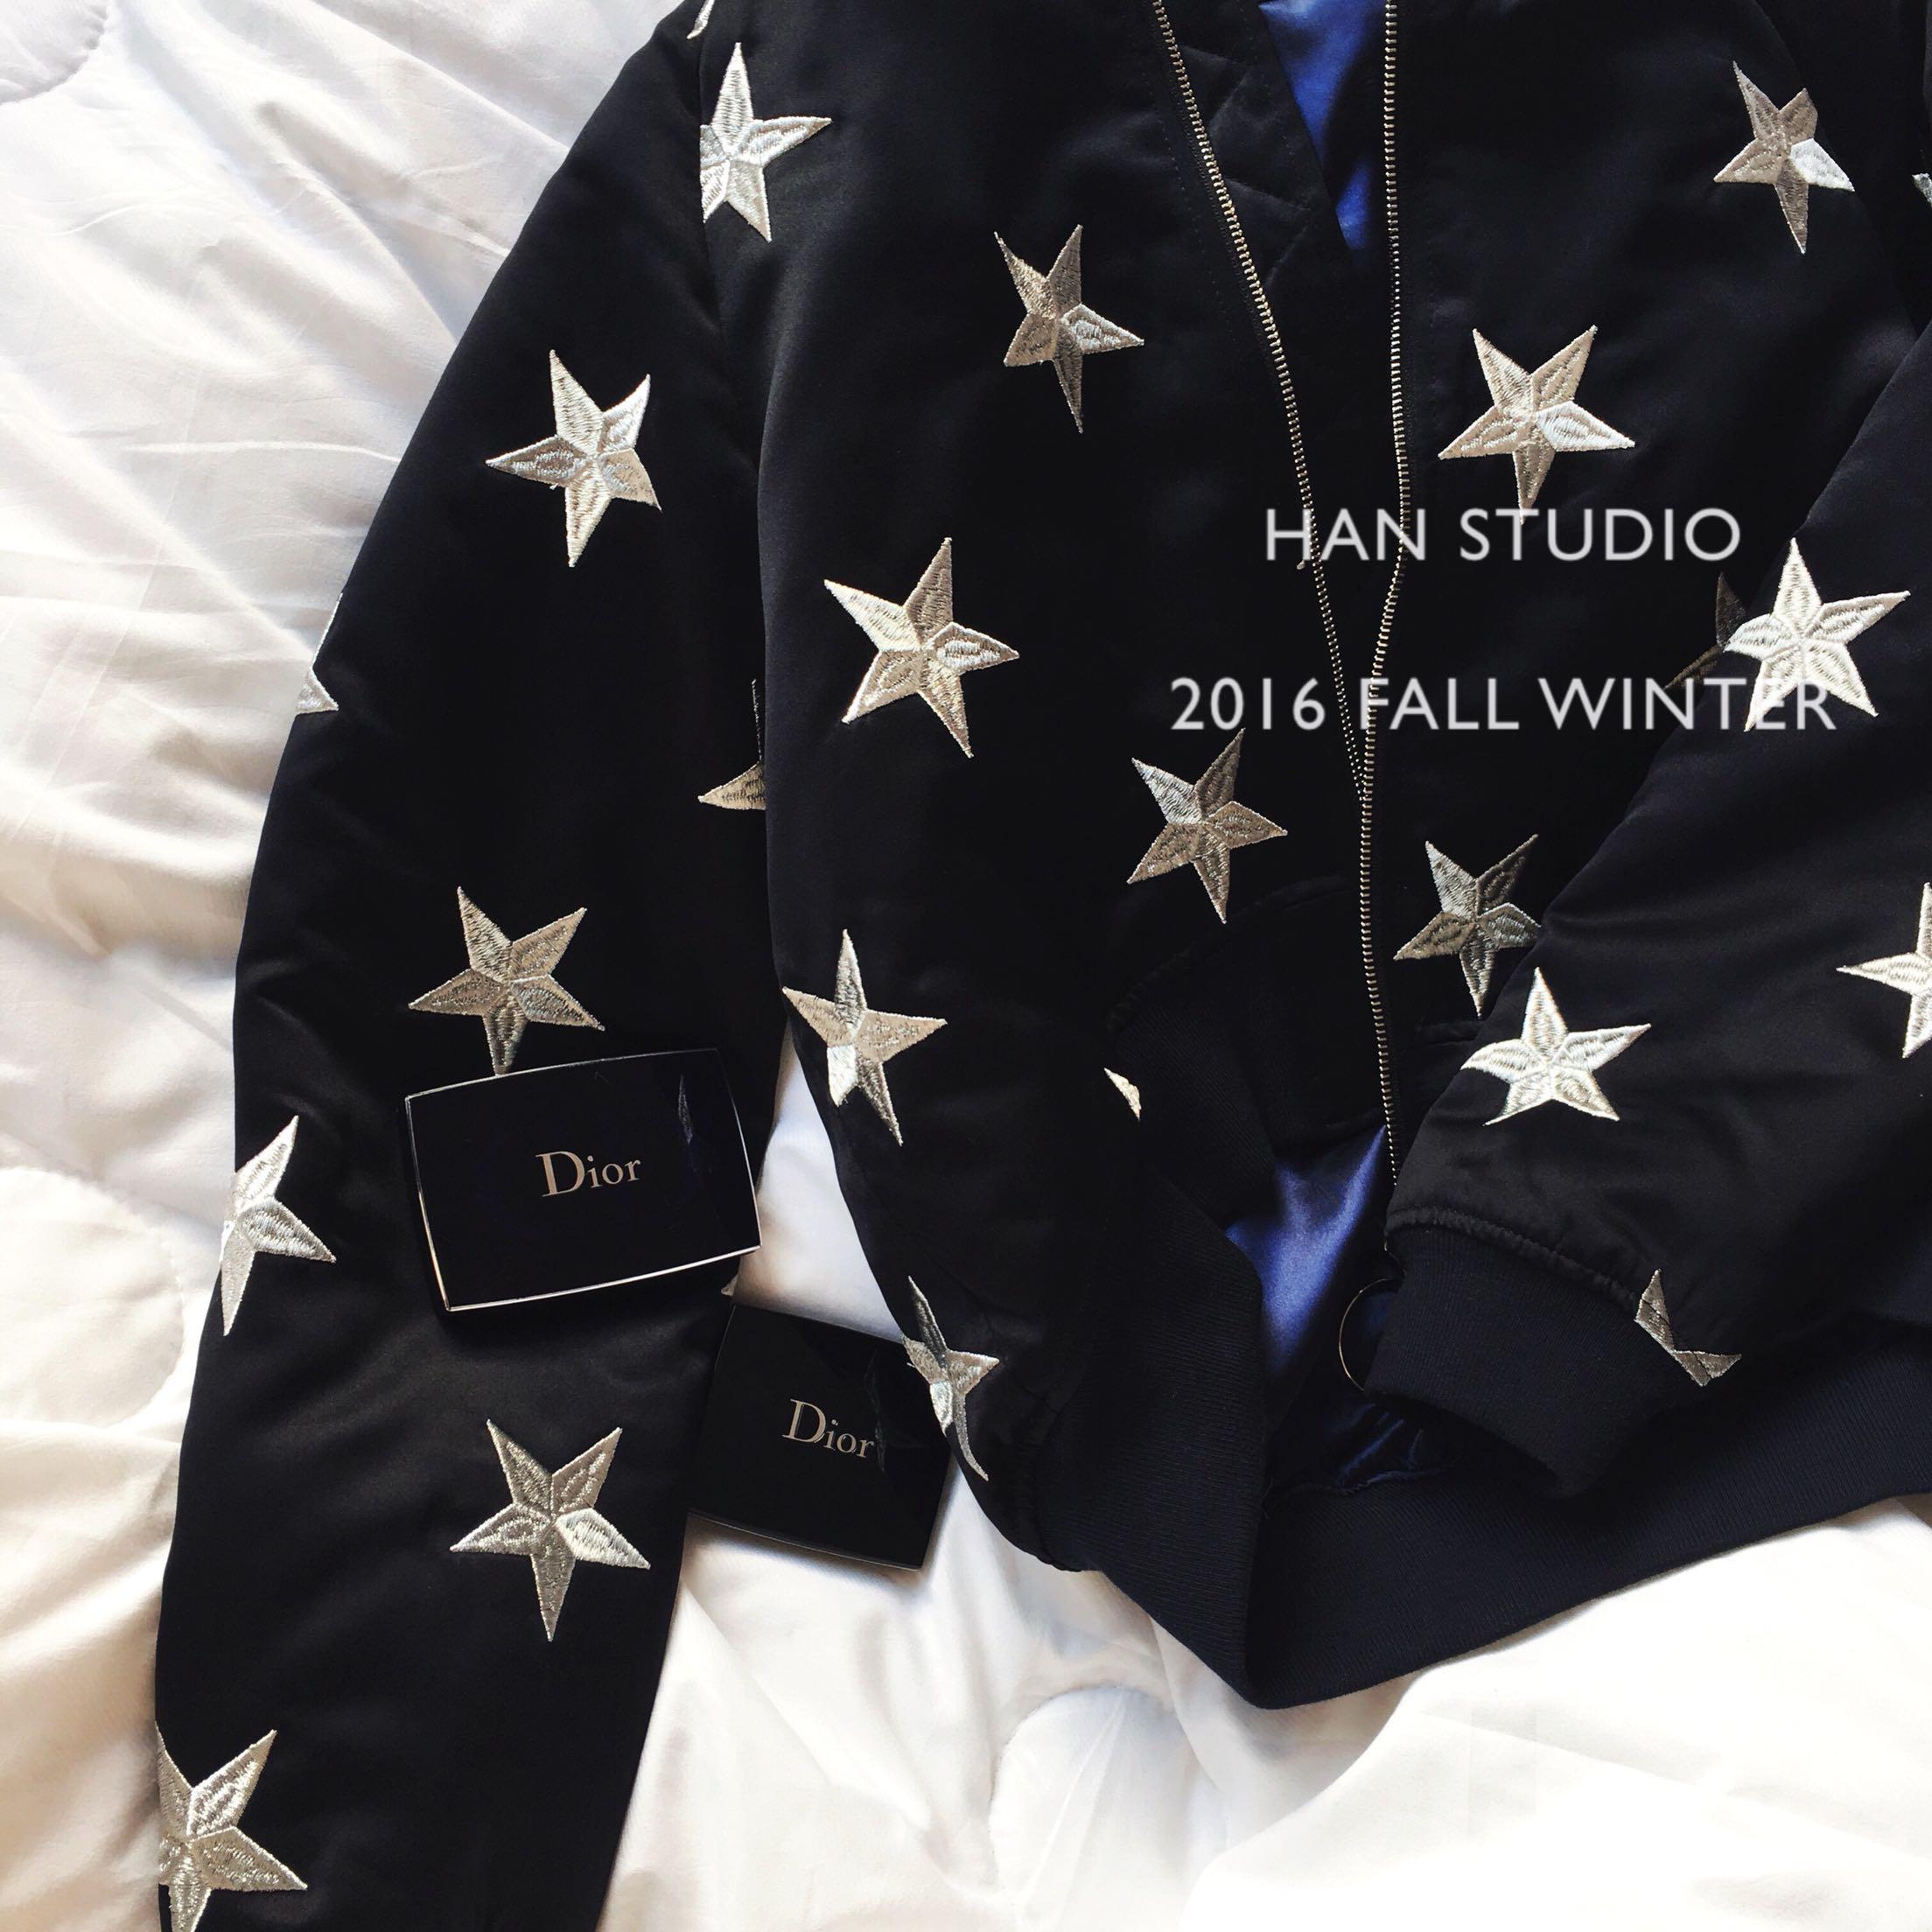 HAN STUDIO 吃土也自留的星星刺绣棉衣 短款棉服棒球服外套